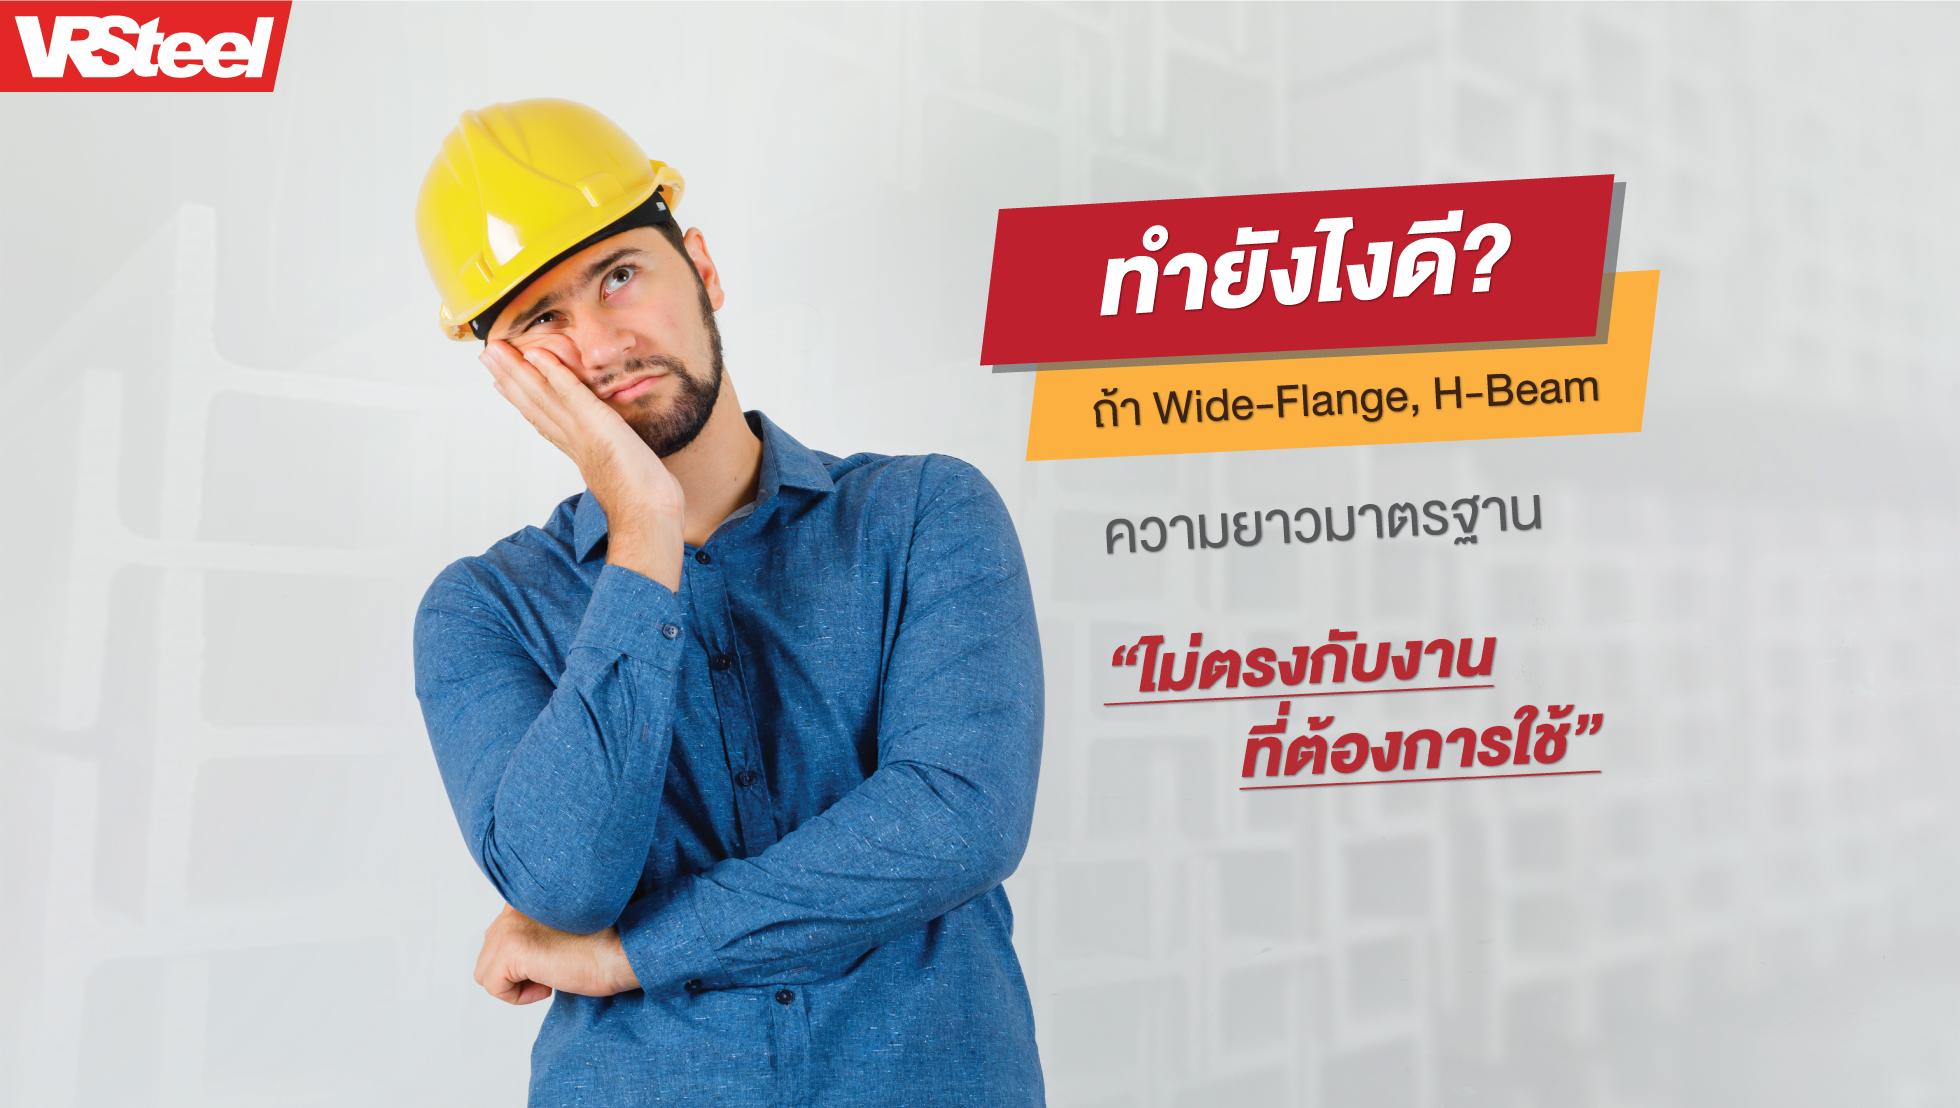 ทำยังไงดี? ถ้า Wide-Flange H-Beam ความยาวมาตรฐานไม่ตรงกับงานที่ต้องการใช้